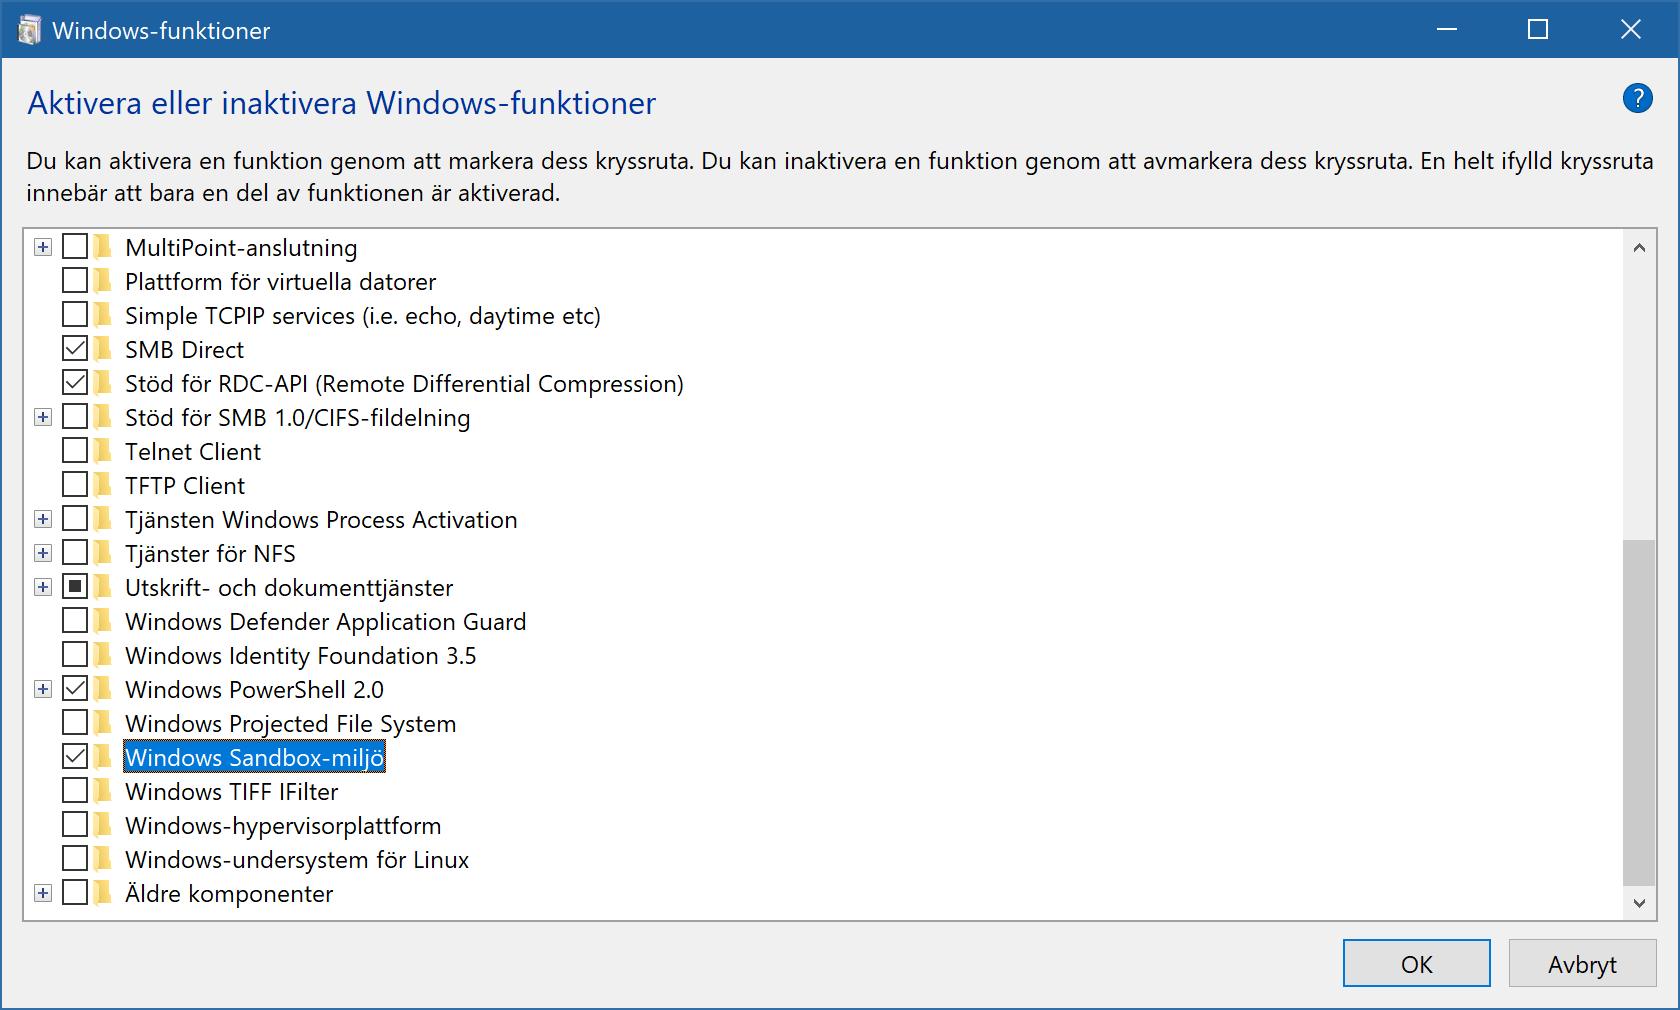 Dialogrutan för att lägga till Windows-funktioner